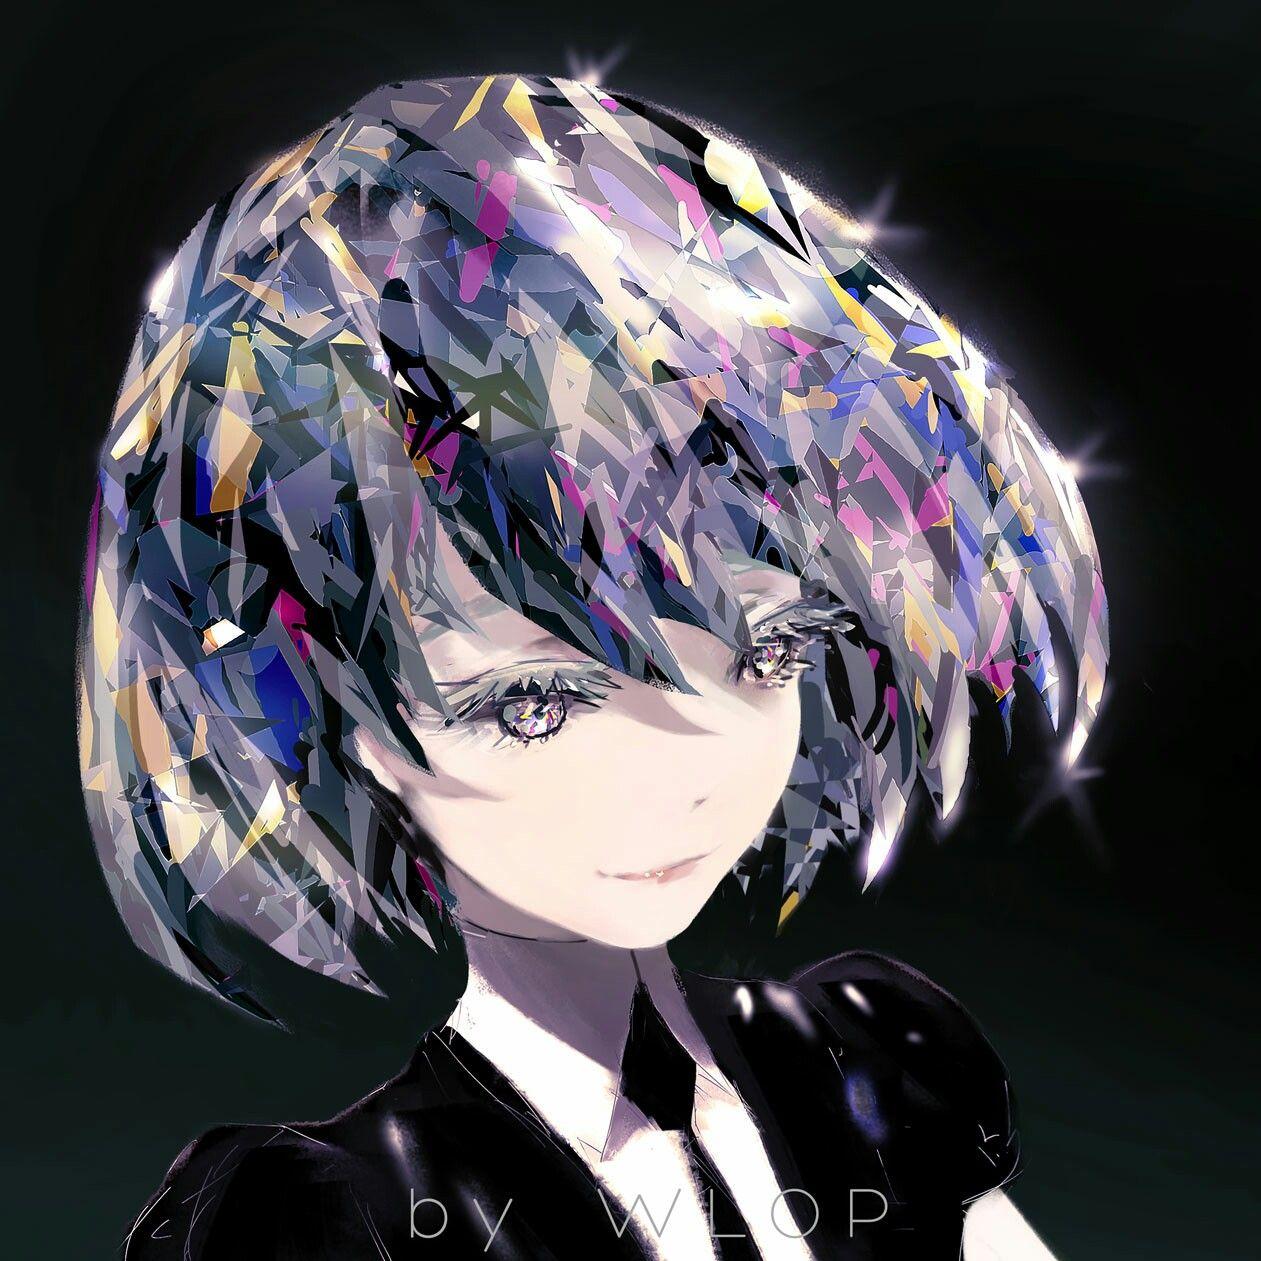 By Wlop 宝石の国 ダイヤモンド 目イラスト